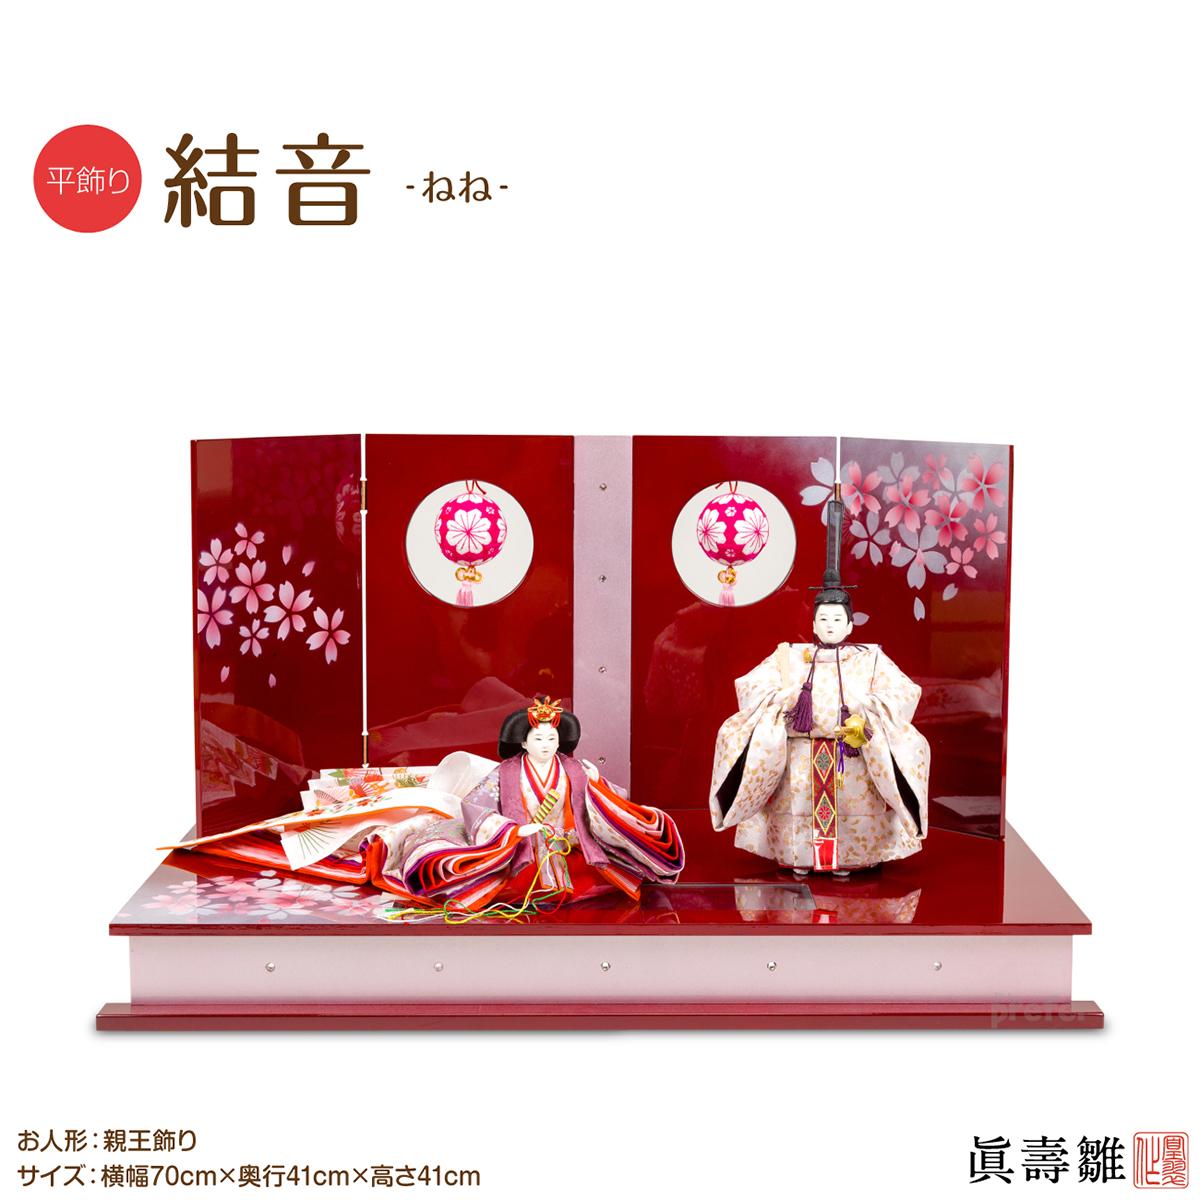 雛人形 ひな人形 眞壽雛 結音(ねね) 立雛 平飾り おひな様 ひな祭り